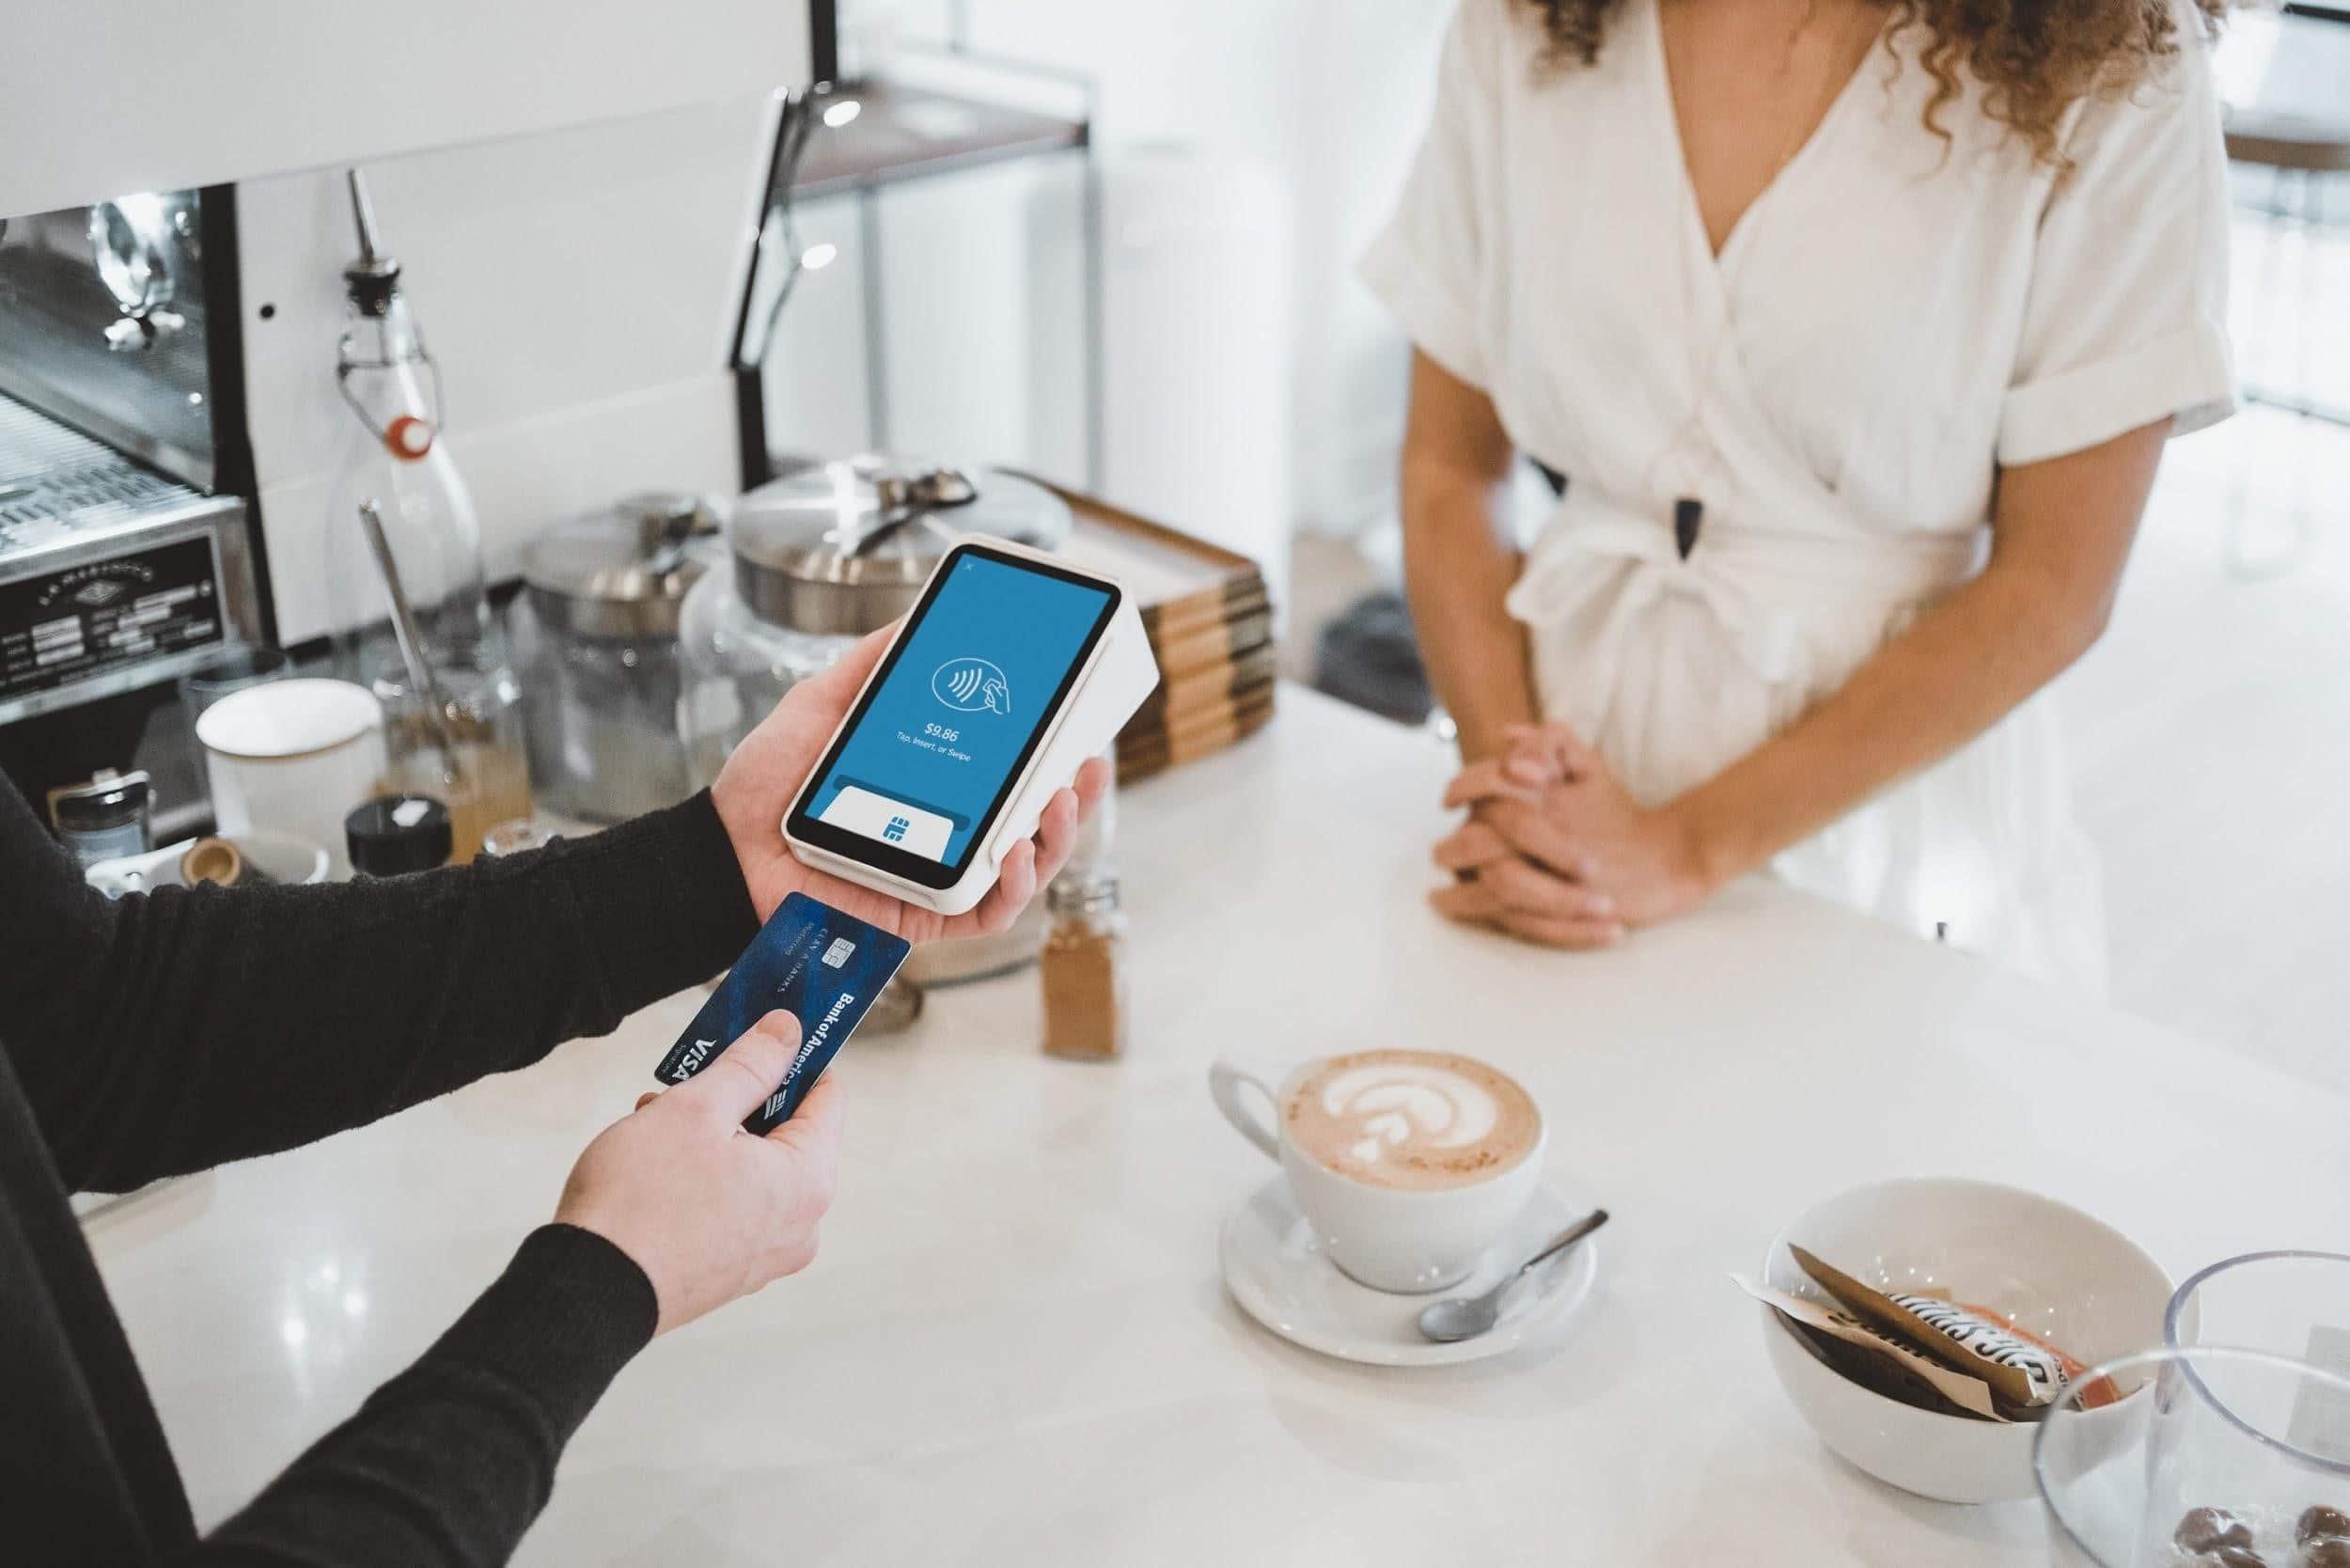 Qué es mejor, ¿pagar con tarjeta de crédito o en efectivo?